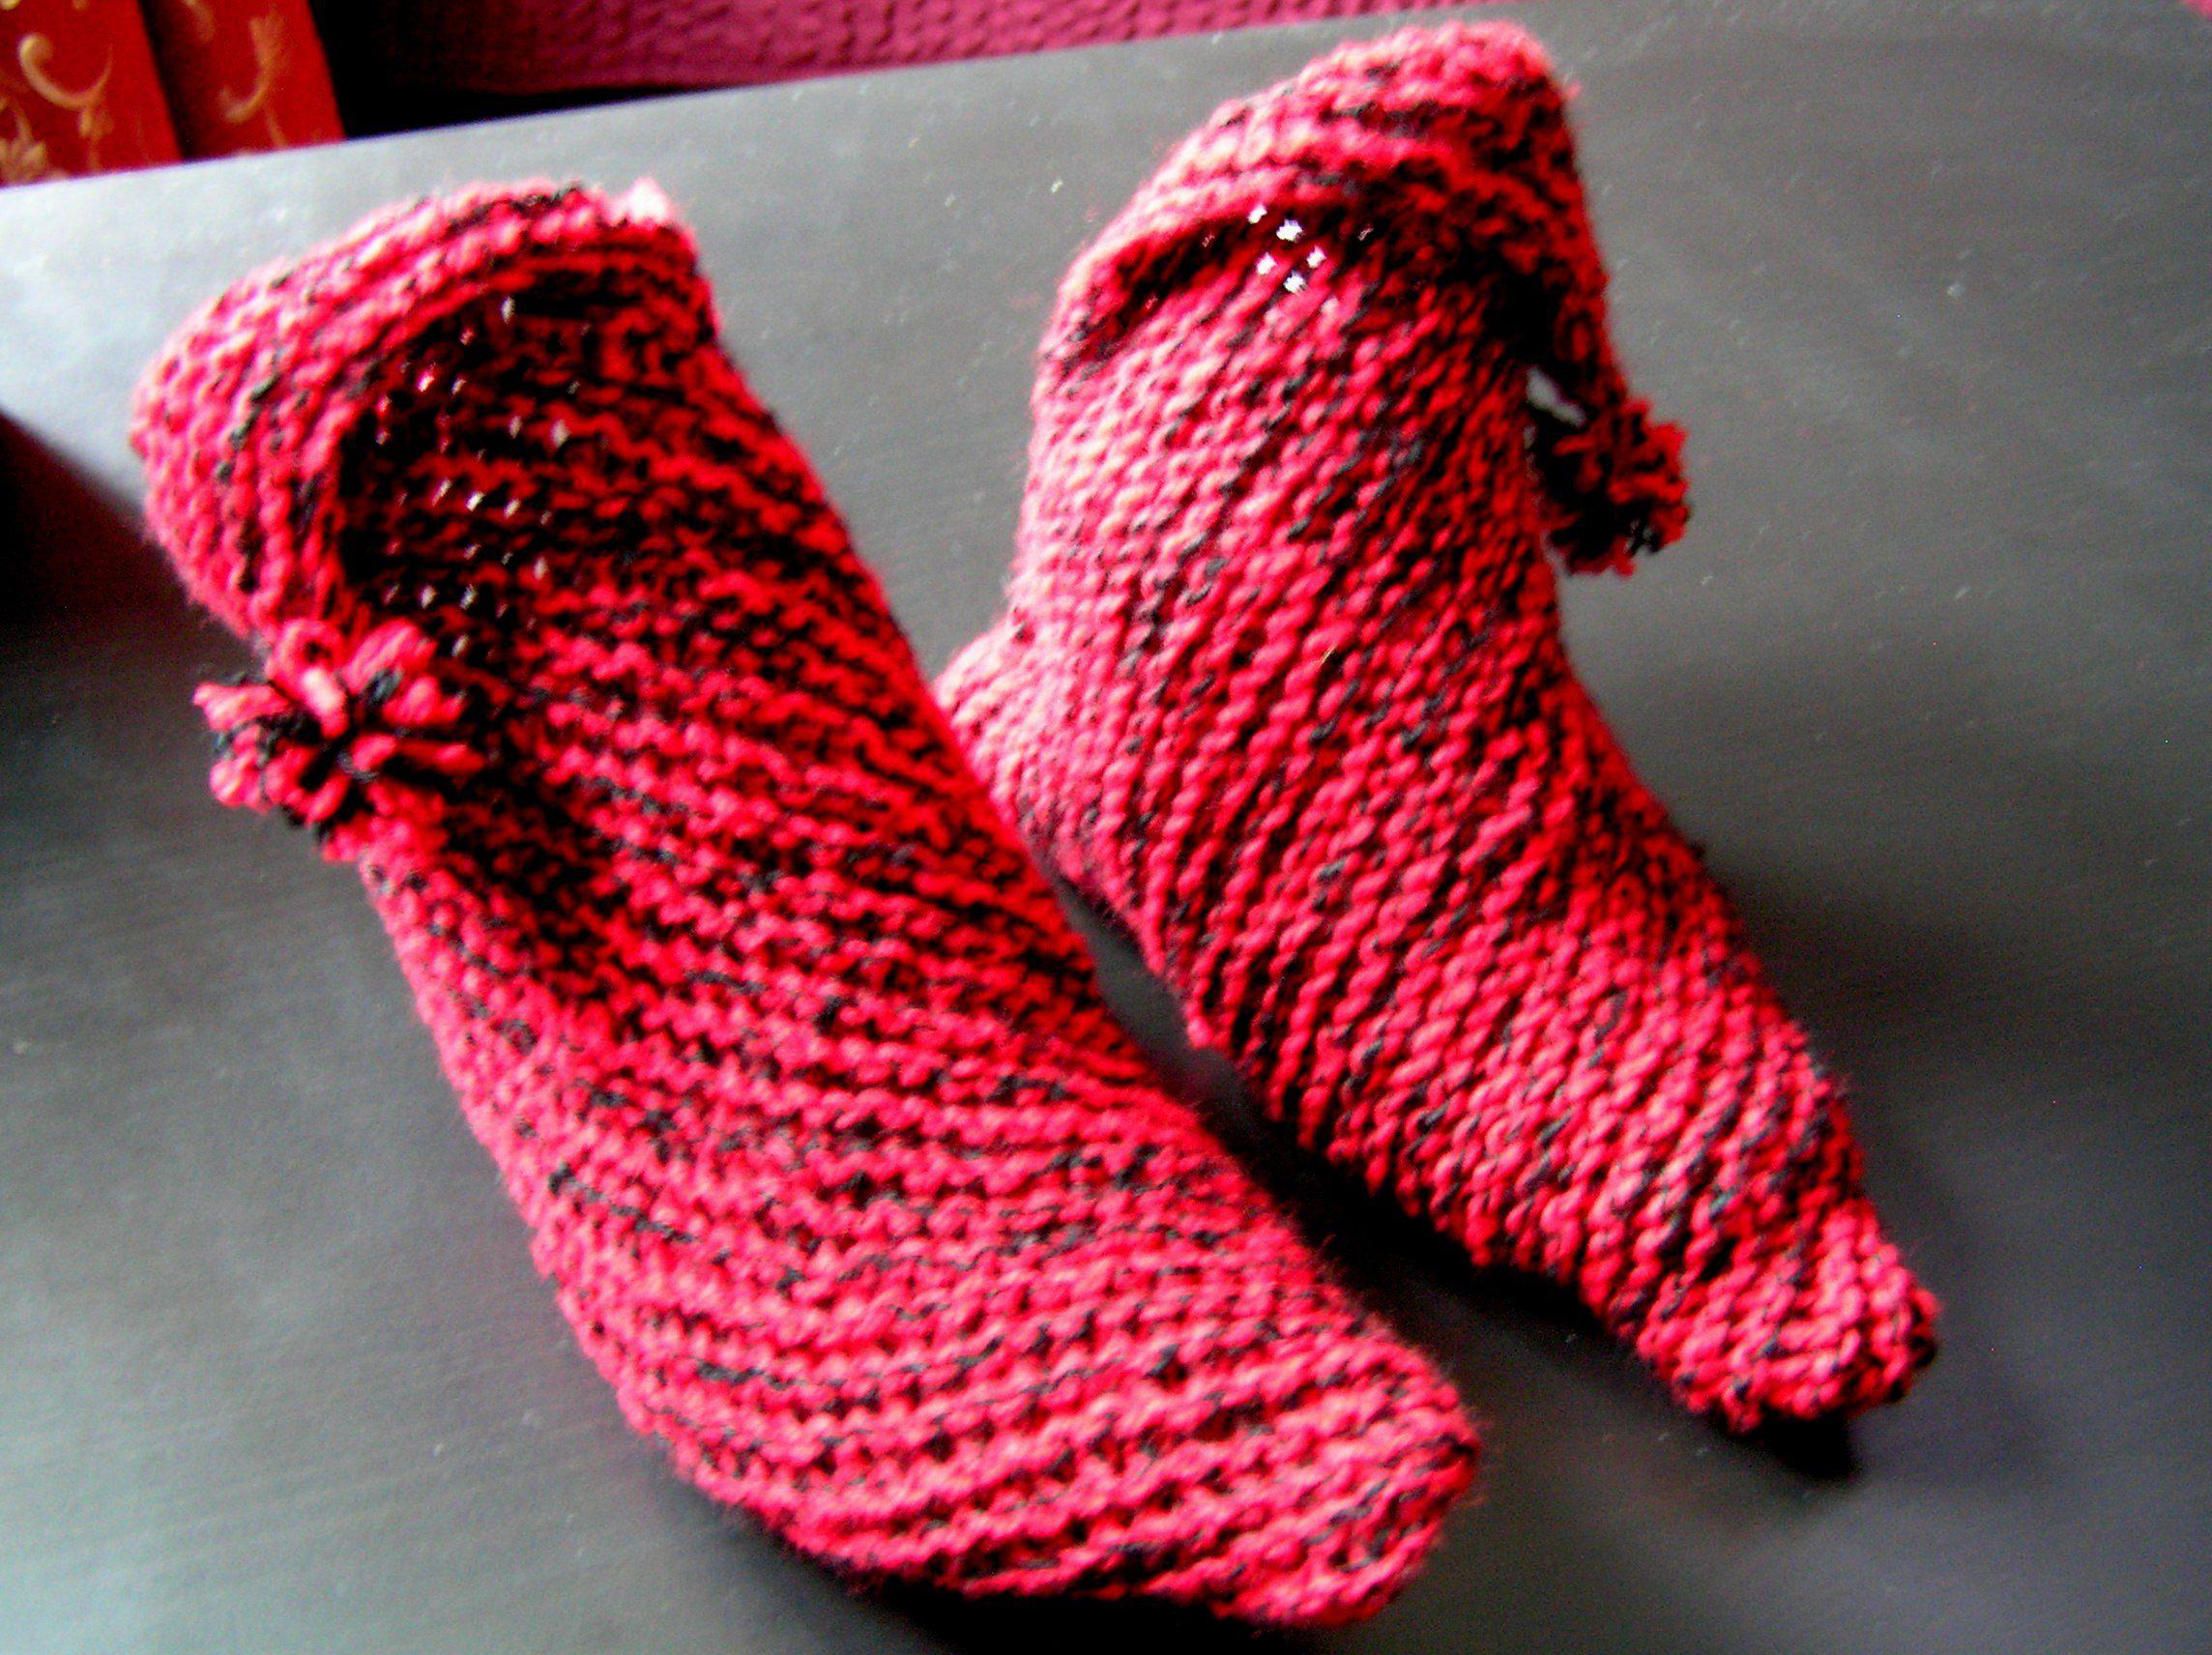 теплыеноски вязаныетапки домашниетапки тапки вязаныеноски теплыетапки носки